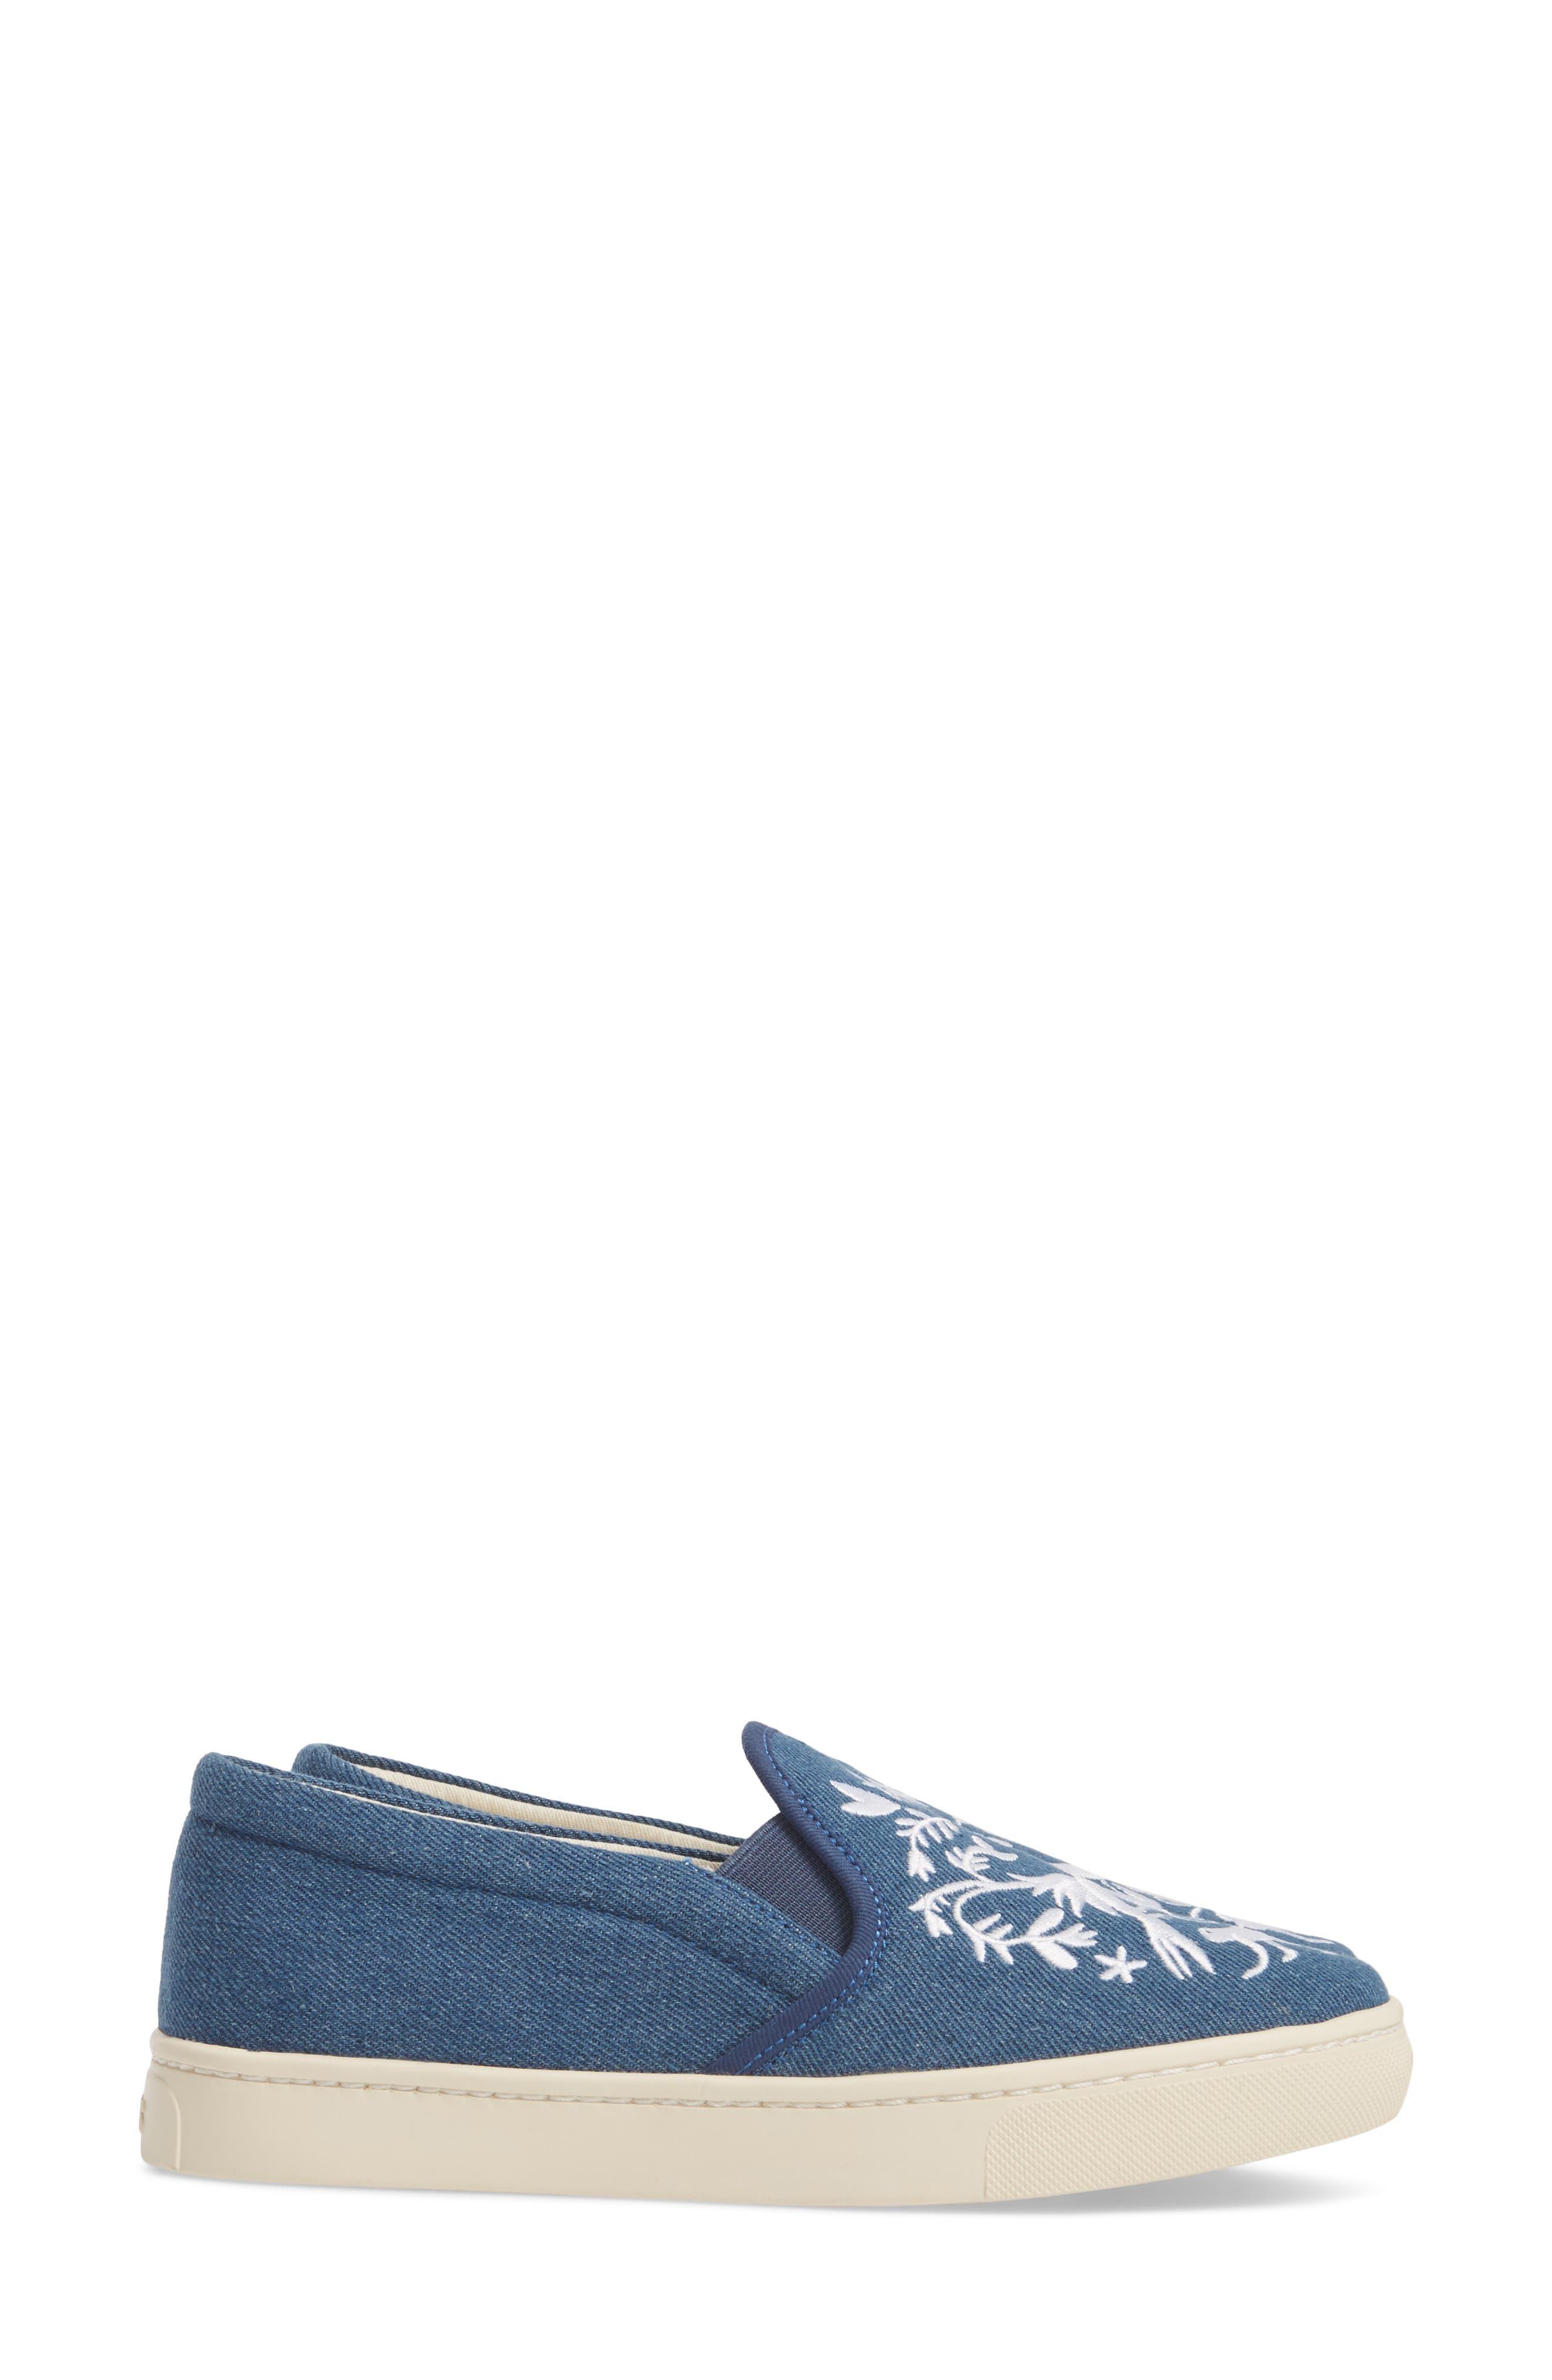 Otomi Slip-On Sneaker,                             Alternate thumbnail 4, color,                             Denim Fabric